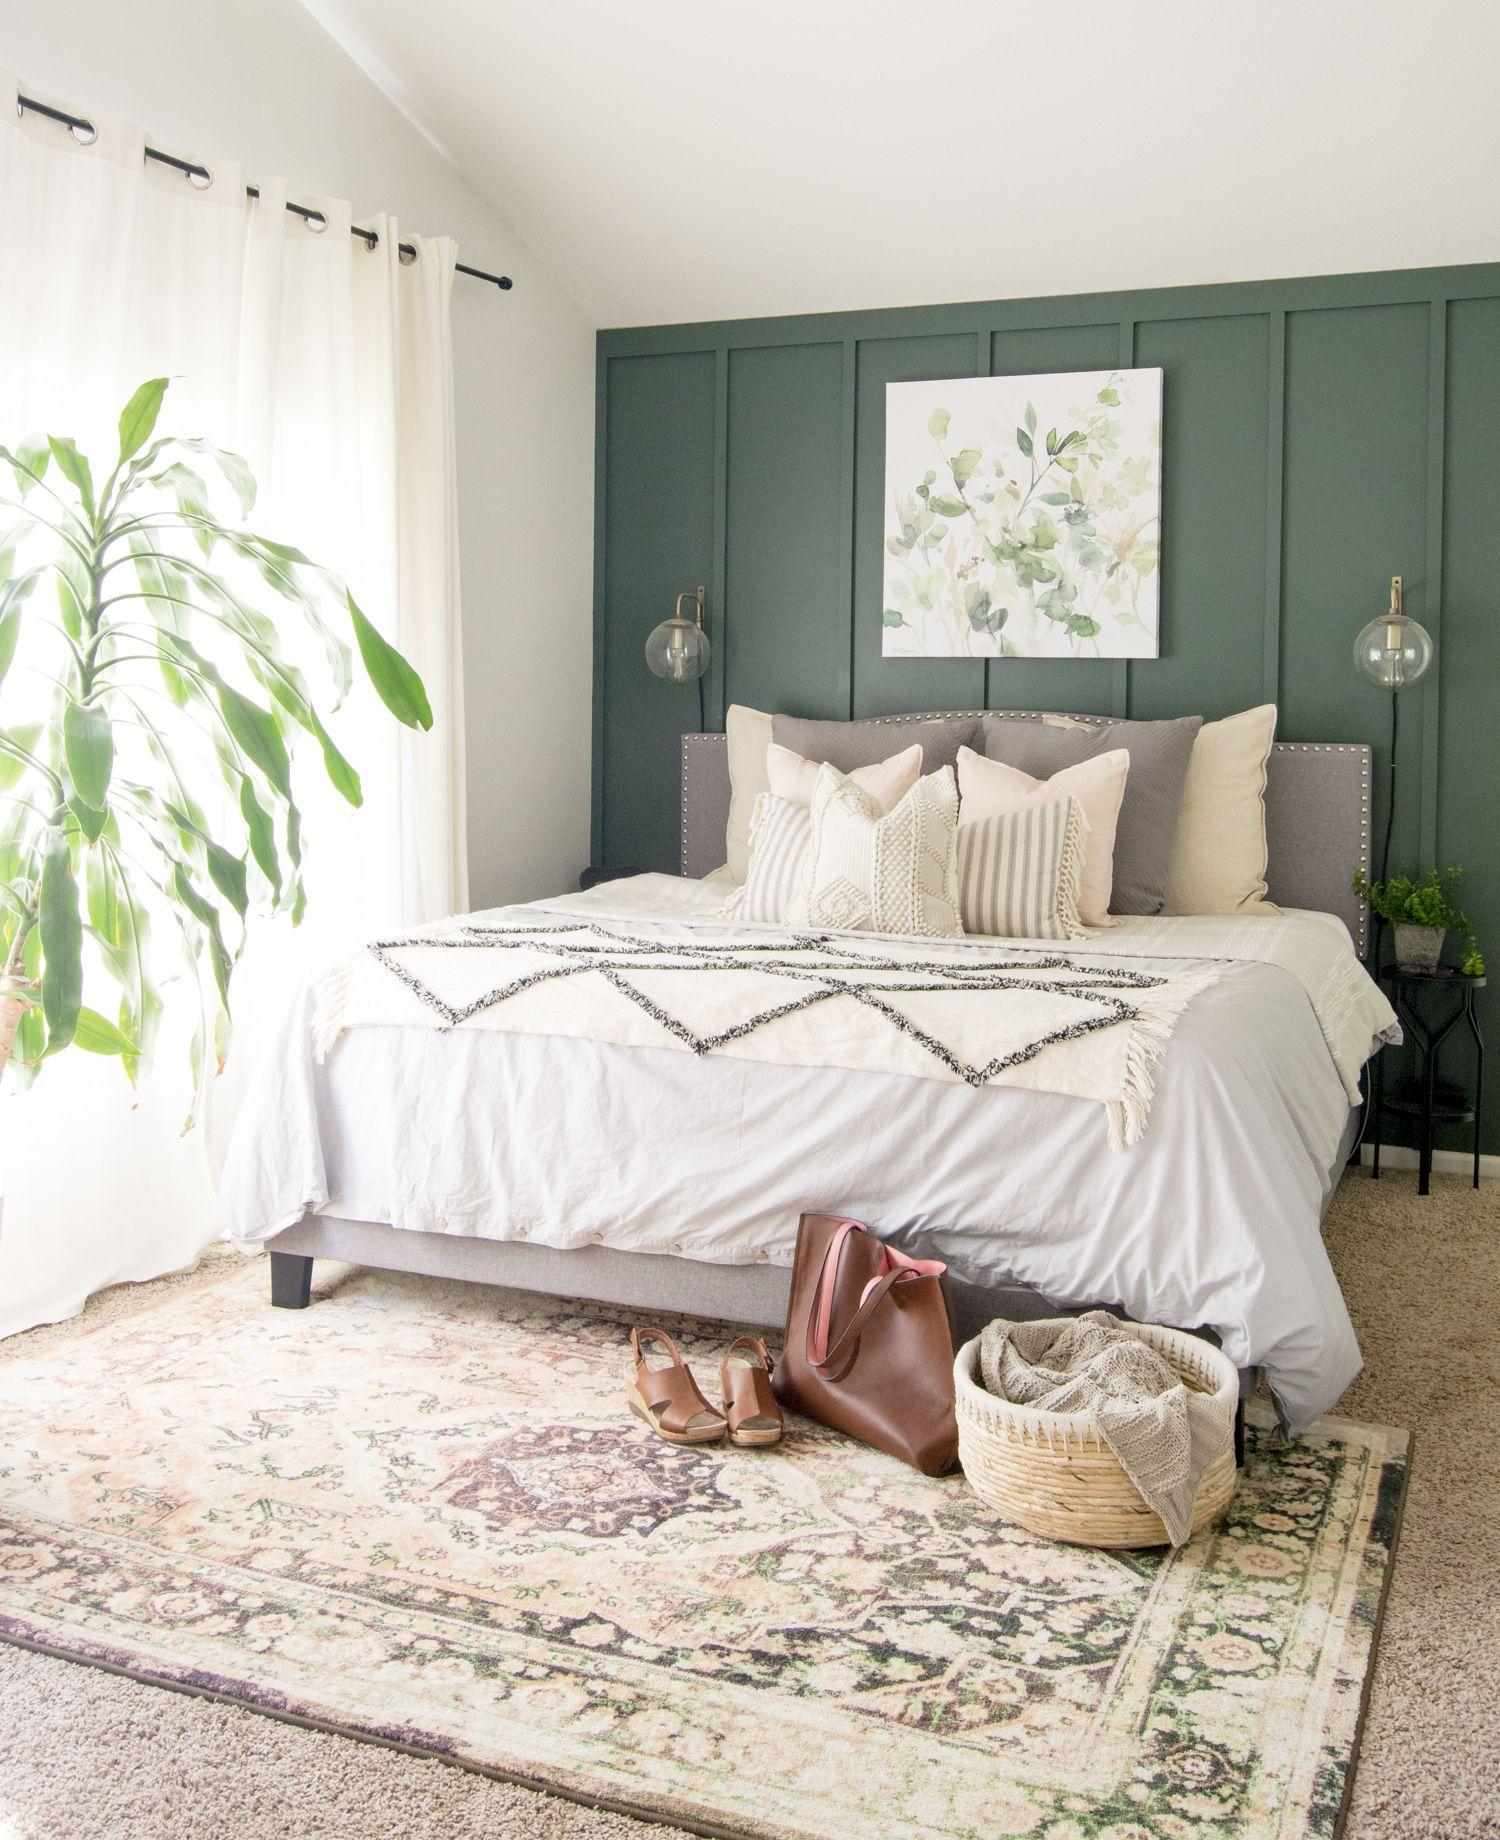 3 Tips for Styling Modern Farmhouse Bedding #modernfarmhousebedroom